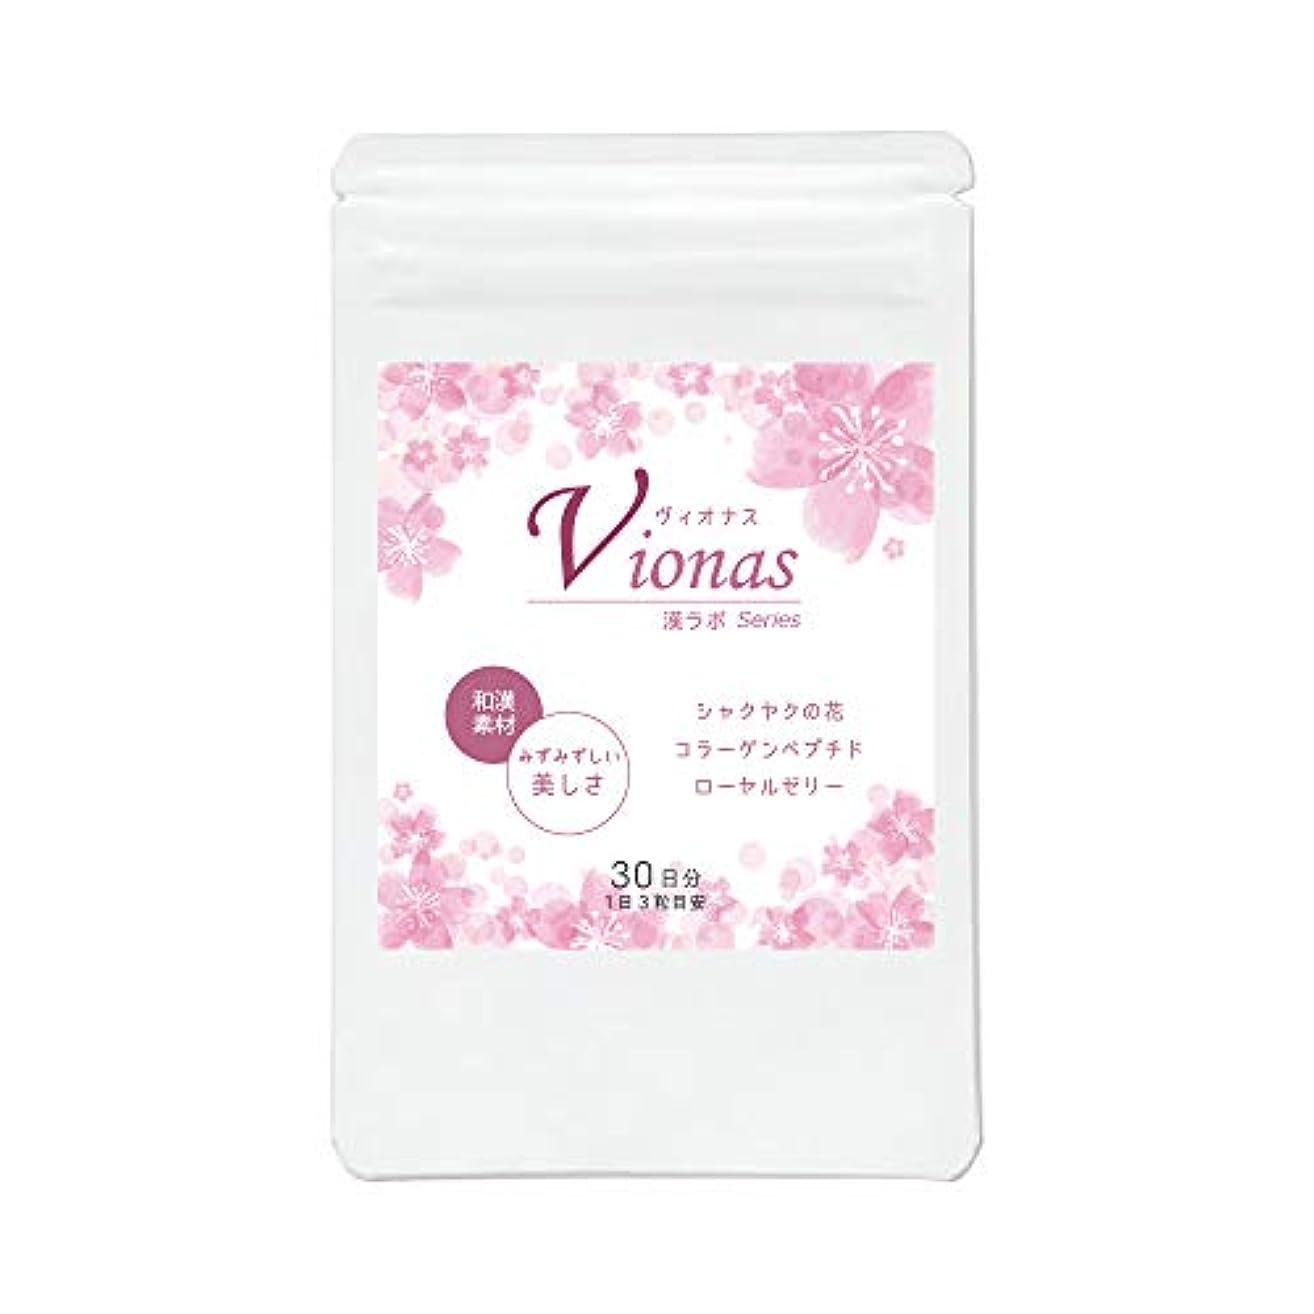 息を切らしてカレッジタクト超うるおい美容系 ぷるるんダイエットサプリ Vionas 漢ラボシリーズ